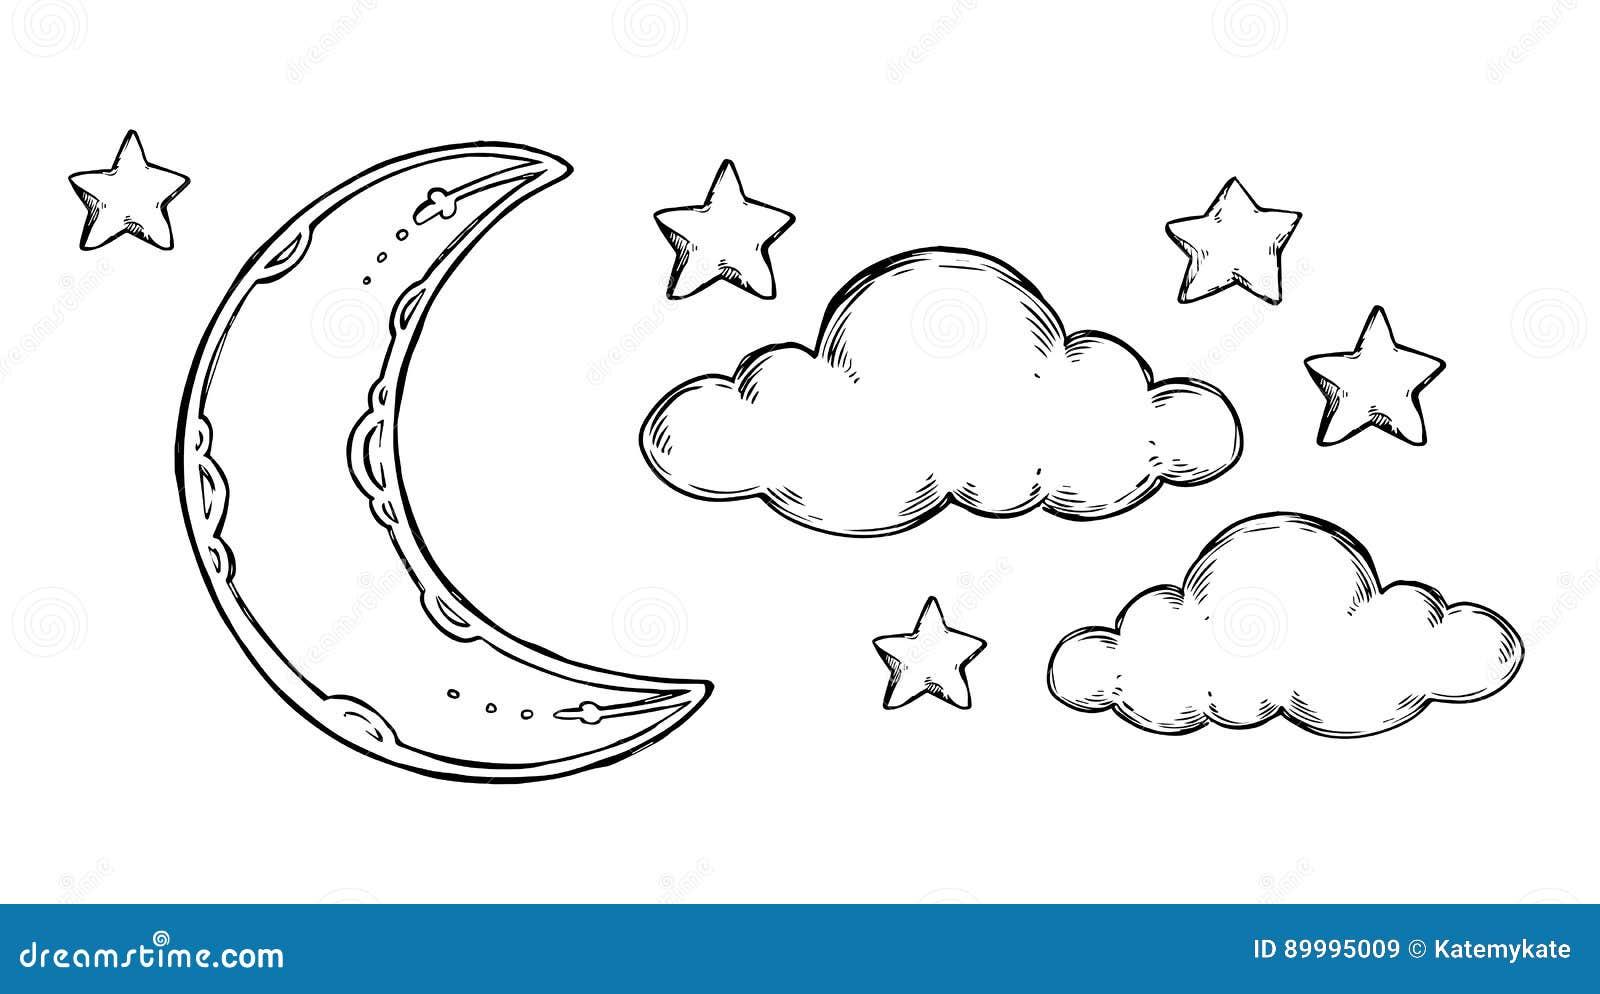 Hand Drawn Vector Elements - Good Night Sleeping Moon ...